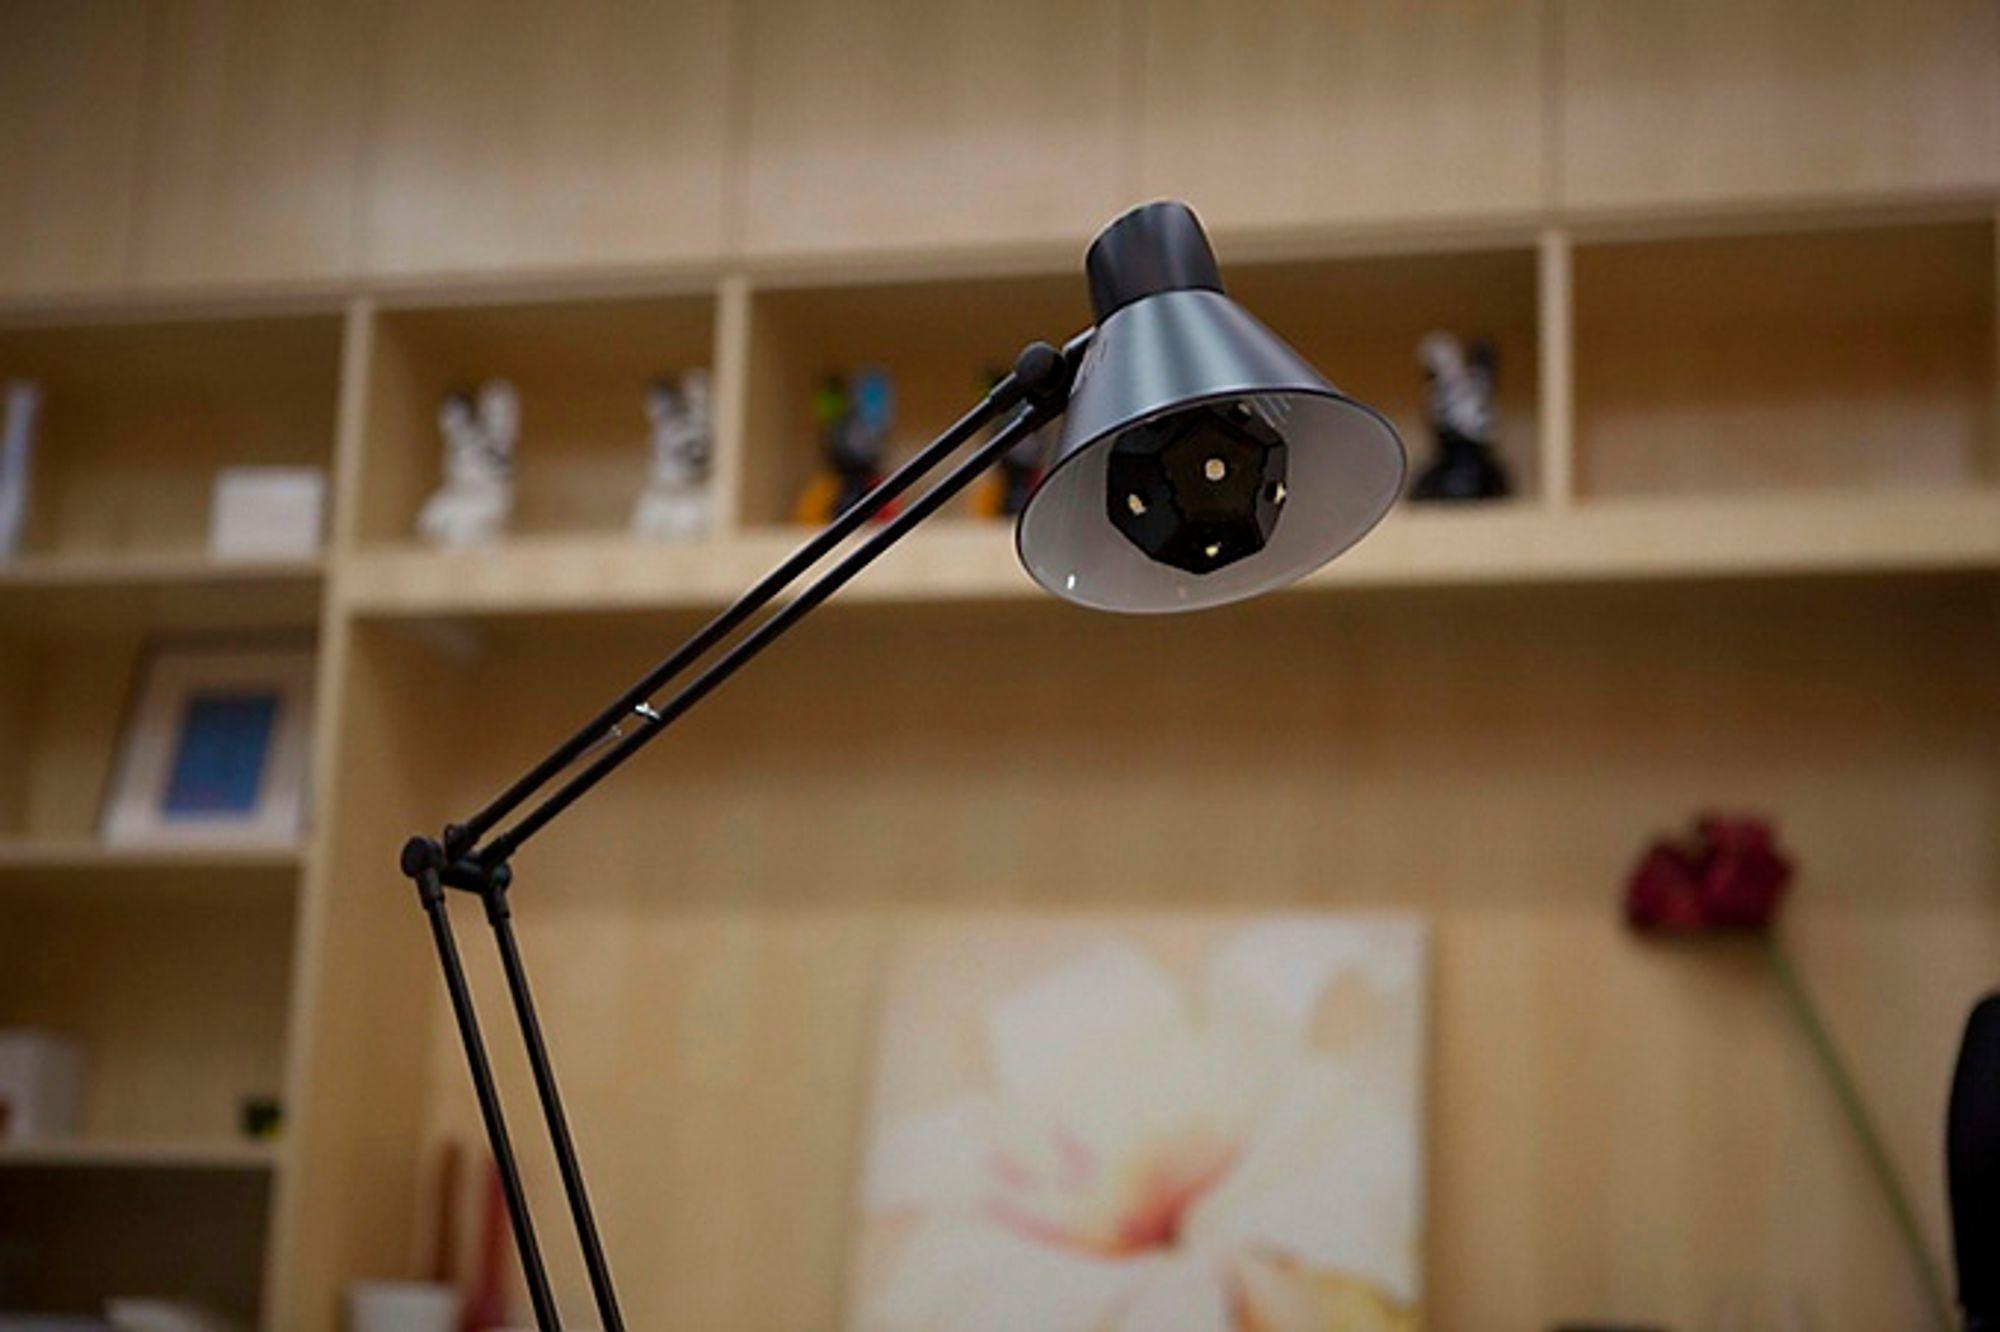 Investor-dugnad: Den kantete LED-pæren, som nå er kåret til verdens mest effektive, kom på markedet ved hjelp av en Kickstarter-aksjon i 2013.